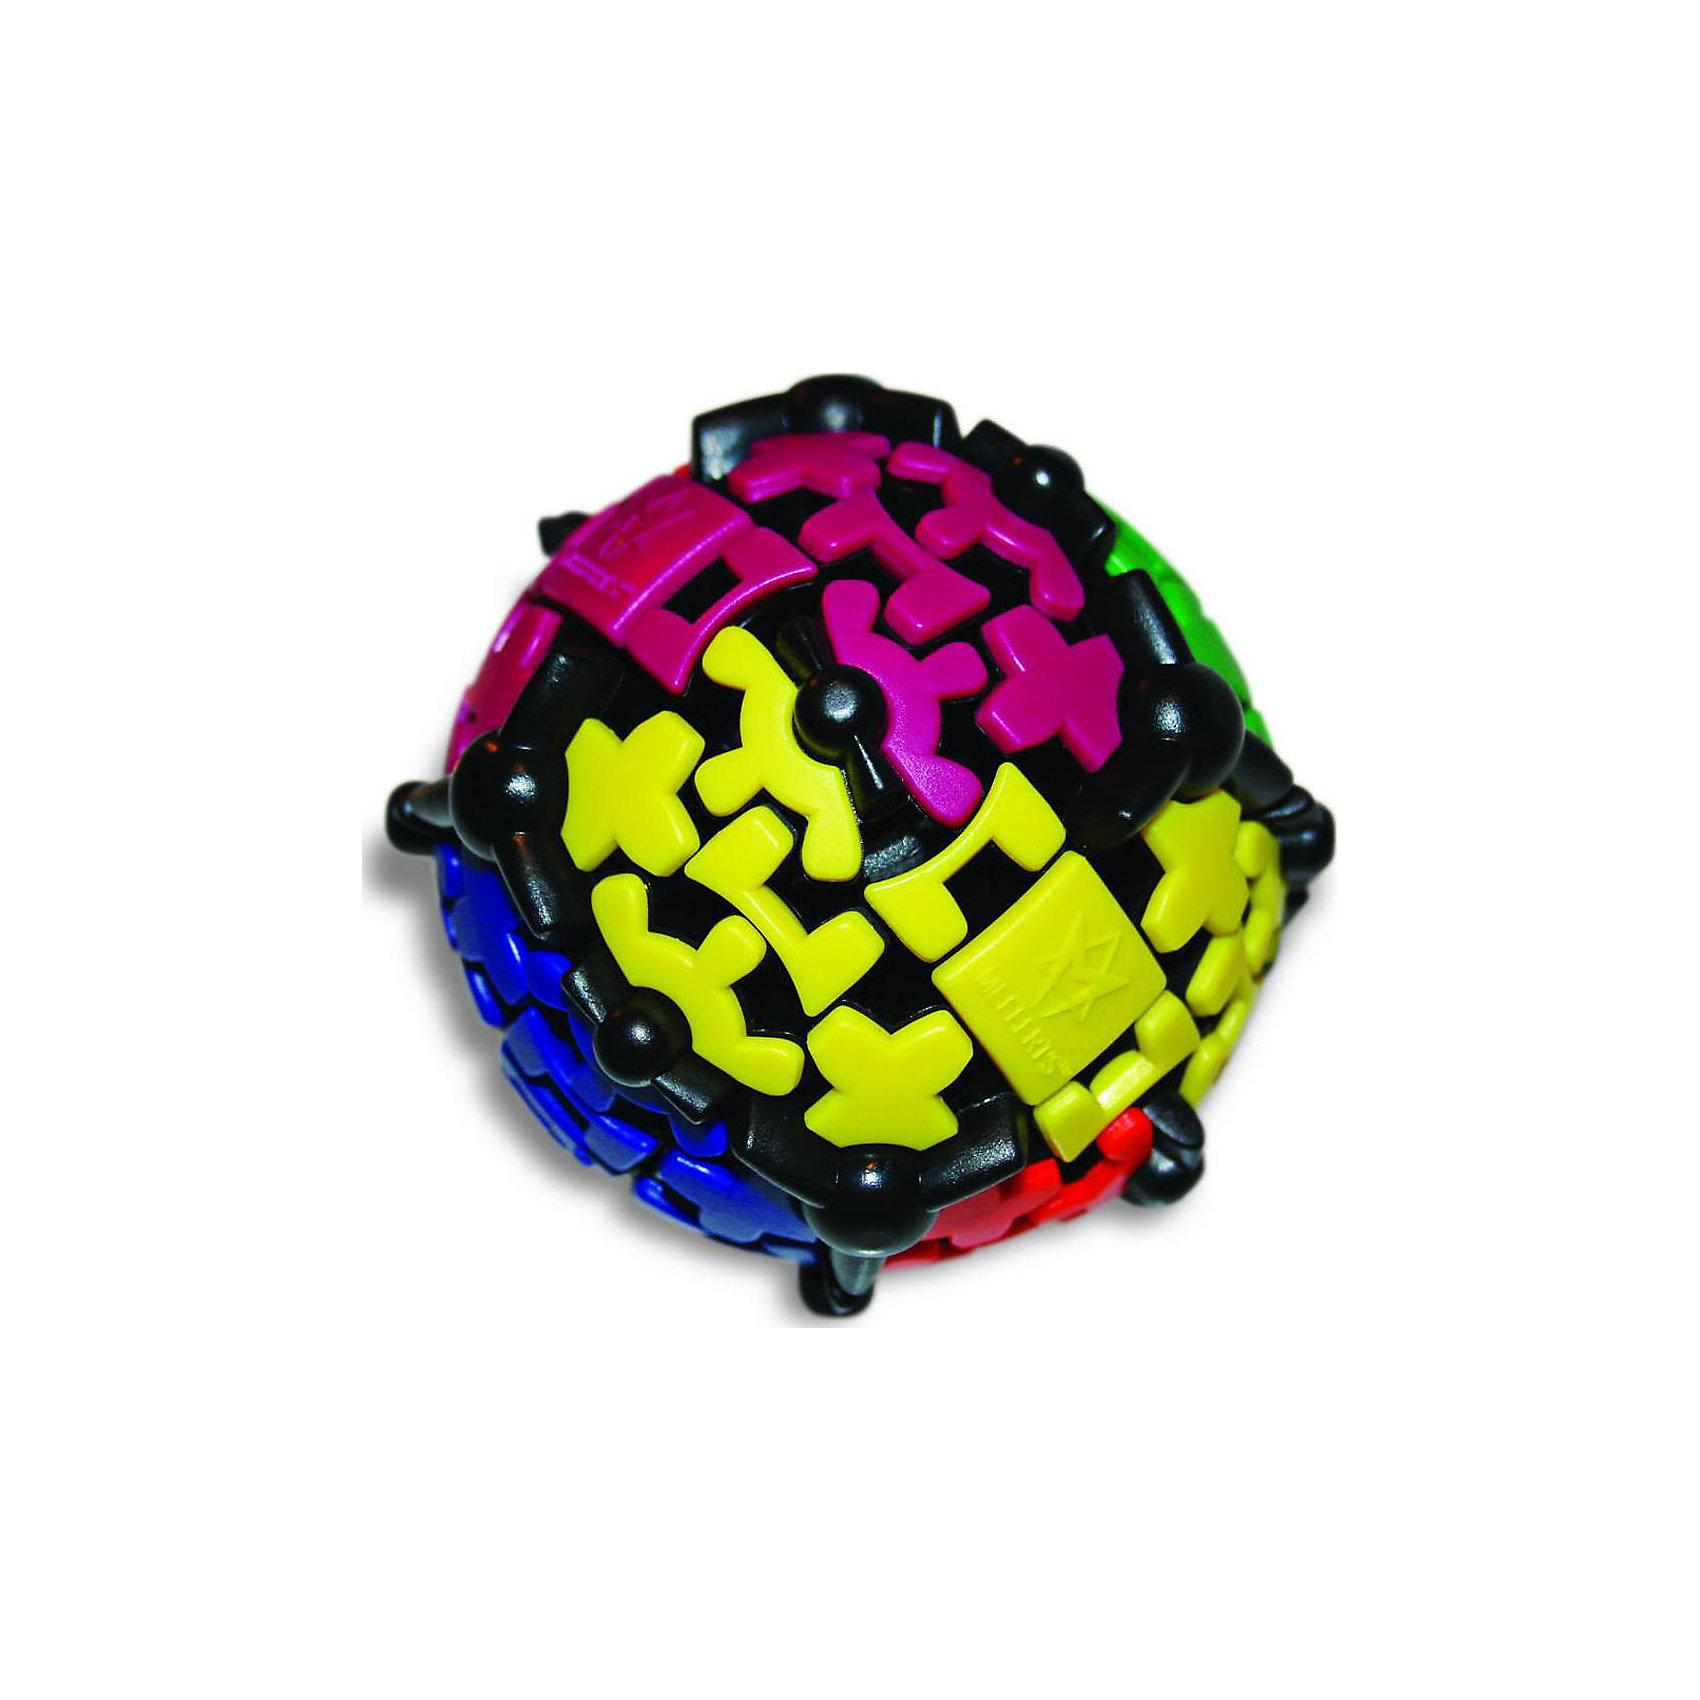 Шестеренчатый Шар Gear Ball, MeffertsШестеренчатый Шар Gear Ball, Mefferts.<br><br>Характеристики:<br><br>- Диаметр шара: 8,5 см.<br>- Материал: пластик<br>- Автор: знаменитый изобретатель Oskar van Deventer, при участии Uwe Meffert<br>- Награда: Медаль Best Vacation Toy 2013 (Лучшая игрушка для отпуска) от Dr.Toy, США<br><br>Шестеренчатый Шар Gear Ball, Mefferts – это невероятно интересная и увлекательная головоломка. Задача состоит в том, чтобы собрать каждый из 6 цветов на своей стороне шара, научившись справляться с упрямыми шестеренками. Шестеренчатый Шар очень подвижный и завораживающий своими плавными движениями. Все элементы, кроме 6 разноцветных квадратов, задействованы в шестеренчатом механизме, захватившем поверхность головоломки. В результате, любой поворот вызывает движение сразу на нескольких плоскостях шара, создавая хаос, которым нужно научиться управлять, прикатывая зубчатые элементы к квадрату соответствующего цвета. Механика игры немного напоминает кубик Рубика, но ее сложность значительно меньше. Головоломка «Шестеренчатый Шар Gear Bal» произведет впечатление на любого человека, а для коллекционера головоломок станет настоящей жемчужиной. Головоломка изготовлена из качественного пластика, прослужит долго и сохранит превосходный внешний вид даже через много лет.<br><br>Шестеренчатый Шар Gear Ball, Mefferts можно купить в нашем интернет-магазине.<br><br>Ширина мм: 105<br>Глубина мм: 110<br>Высота мм: 130<br>Вес г: 400<br>Возраст от месяцев: 84<br>Возраст до месяцев: 2147483647<br>Пол: Унисекс<br>Возраст: Детский<br>SKU: 5348108